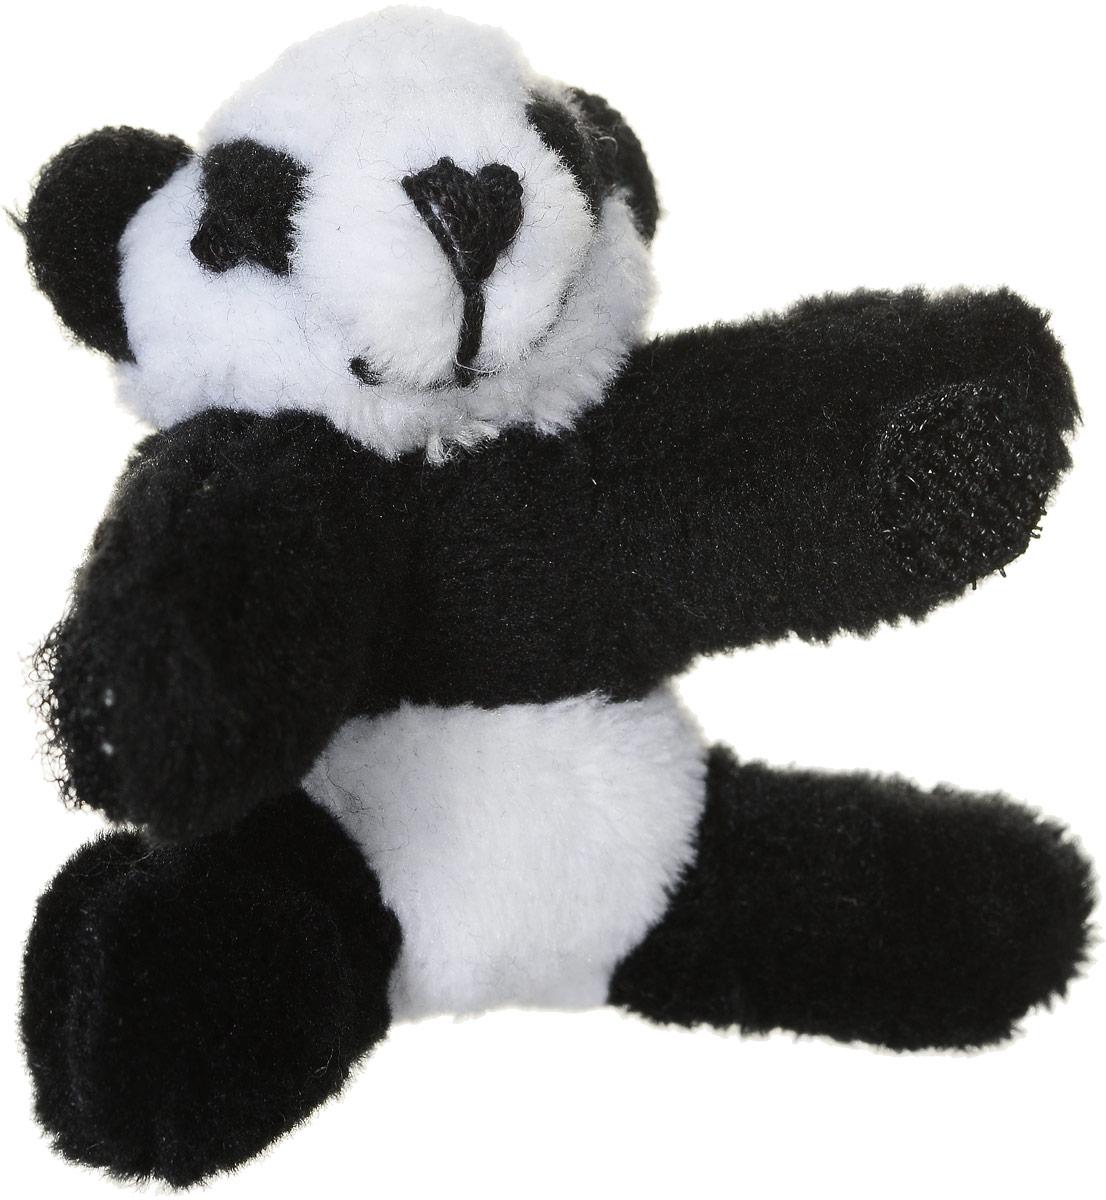 Beanzees Мягкая игрушка Панда Bamboo 5 смB31001_13Очаровательная мягкая игрушка Beanzees Панда Bamboo подарит своей владелице море позитивных эмоций. Мягкие игрушки Beanzees - крошечные плюшевые животные. С помощью липучек на лапках зверюшек можно скреплять игрушки в браслеты и ожерелья или просто украсить комнату гирляндой из них. Животики фигурок заполнены гранулами, что делает их очень приятными на ощупь, развивает тактильные ощущения и помогает снять эмоциональное напряжение!